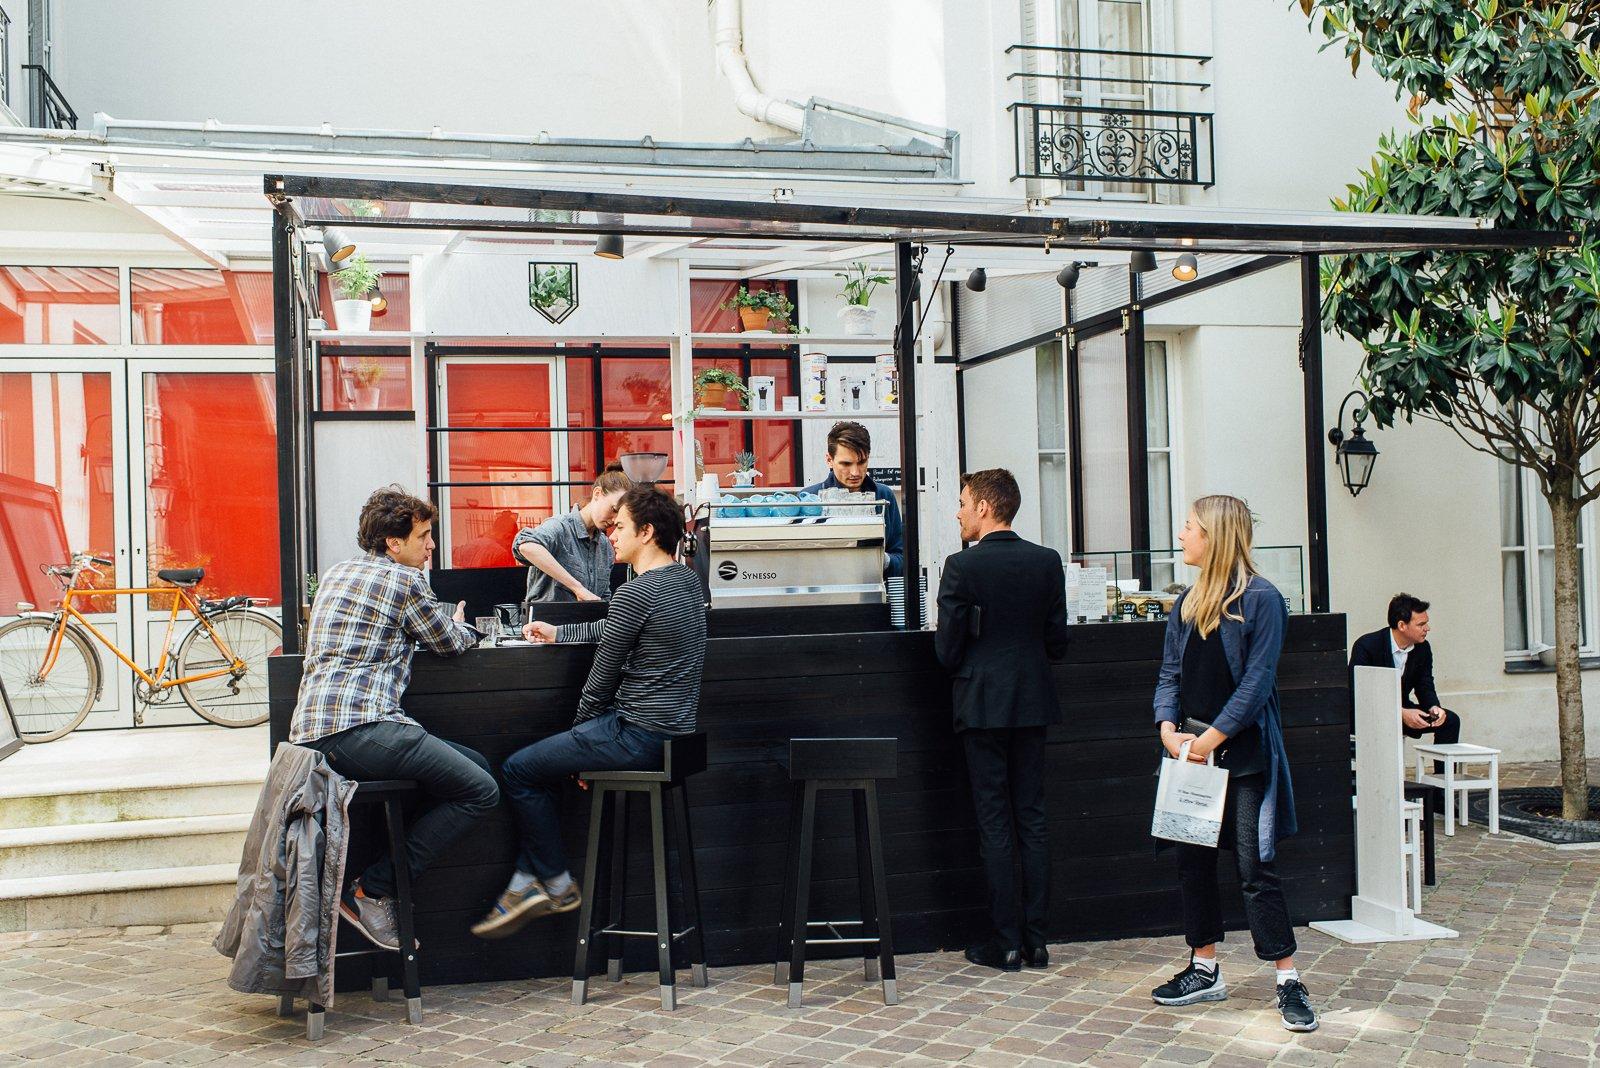 Honor Café: Our Favorite New Paris Coffee Shops